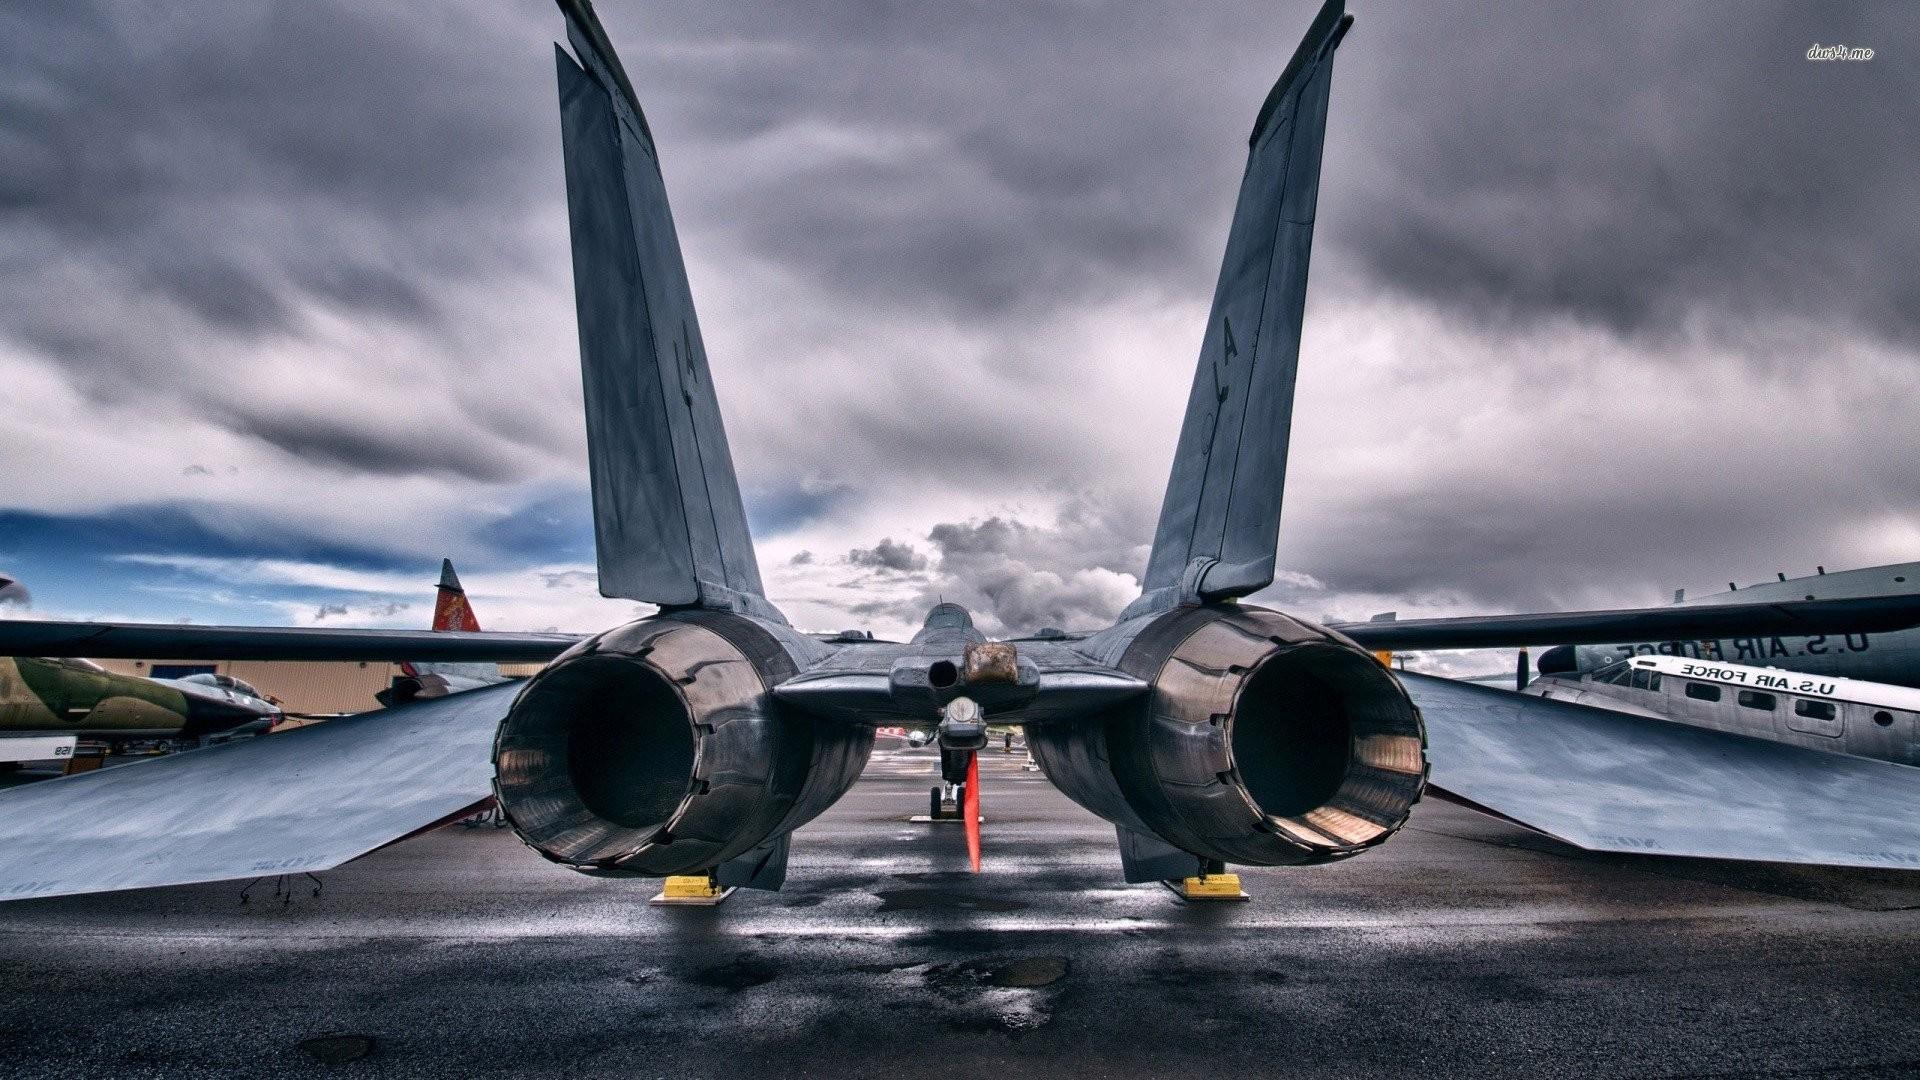 Military – Grumman F-14 Tomcat Wallpaper